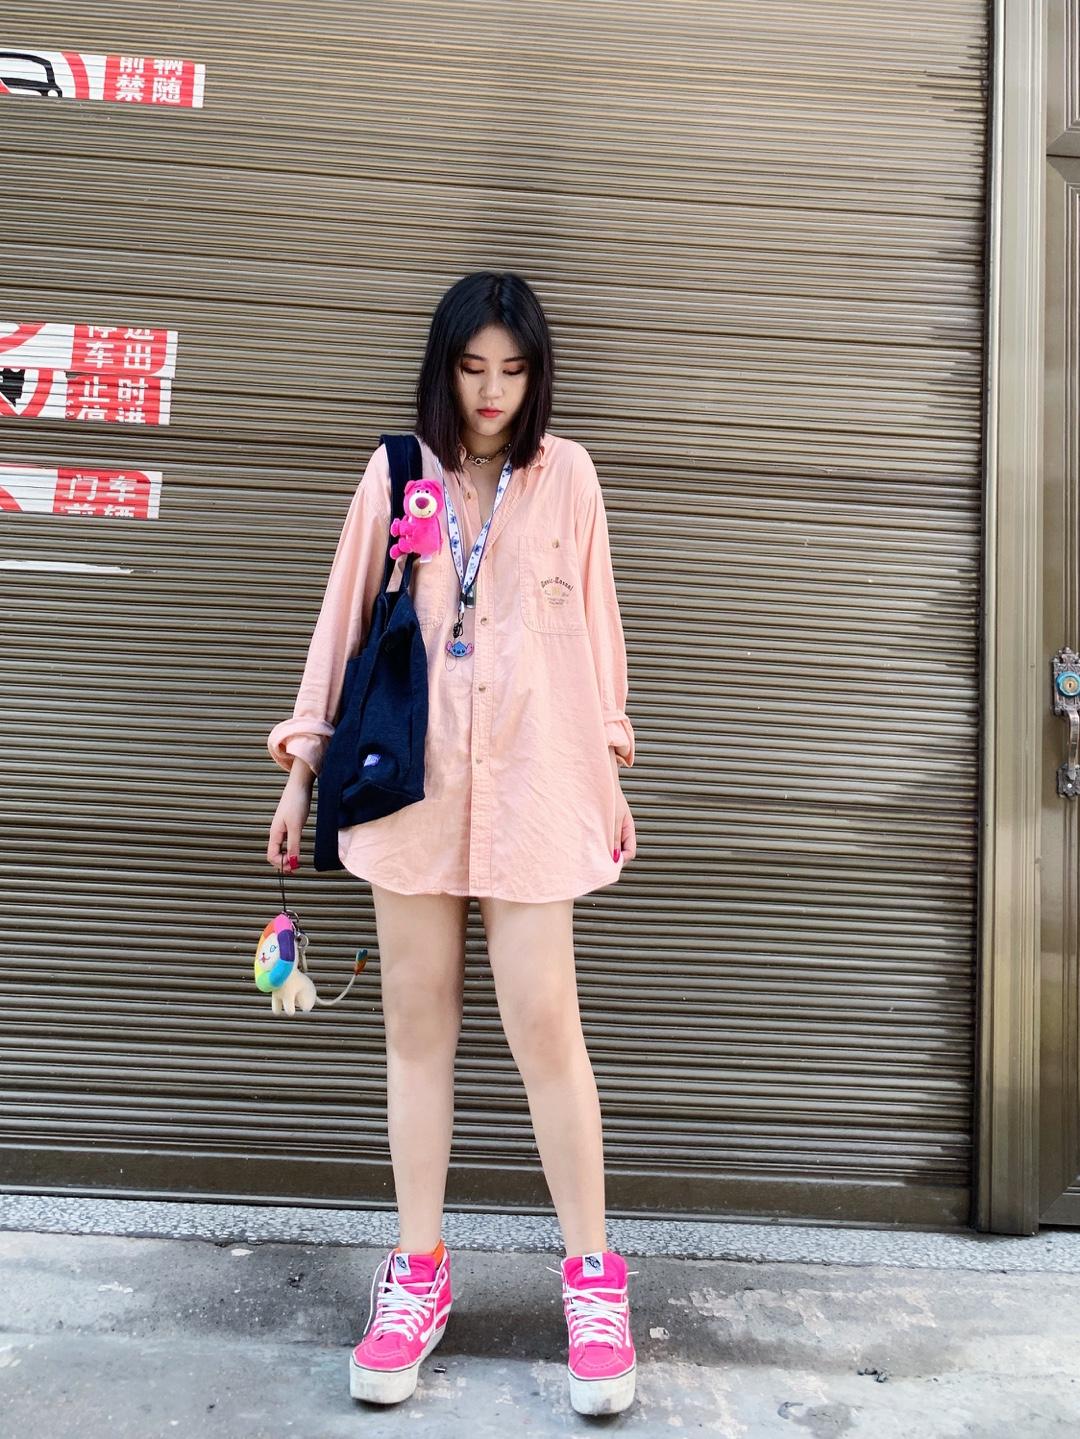 #520,甜甜的恋爱要来了!#一袭粉色很亮眼了,衬衫纯棉的 很舒服啦~